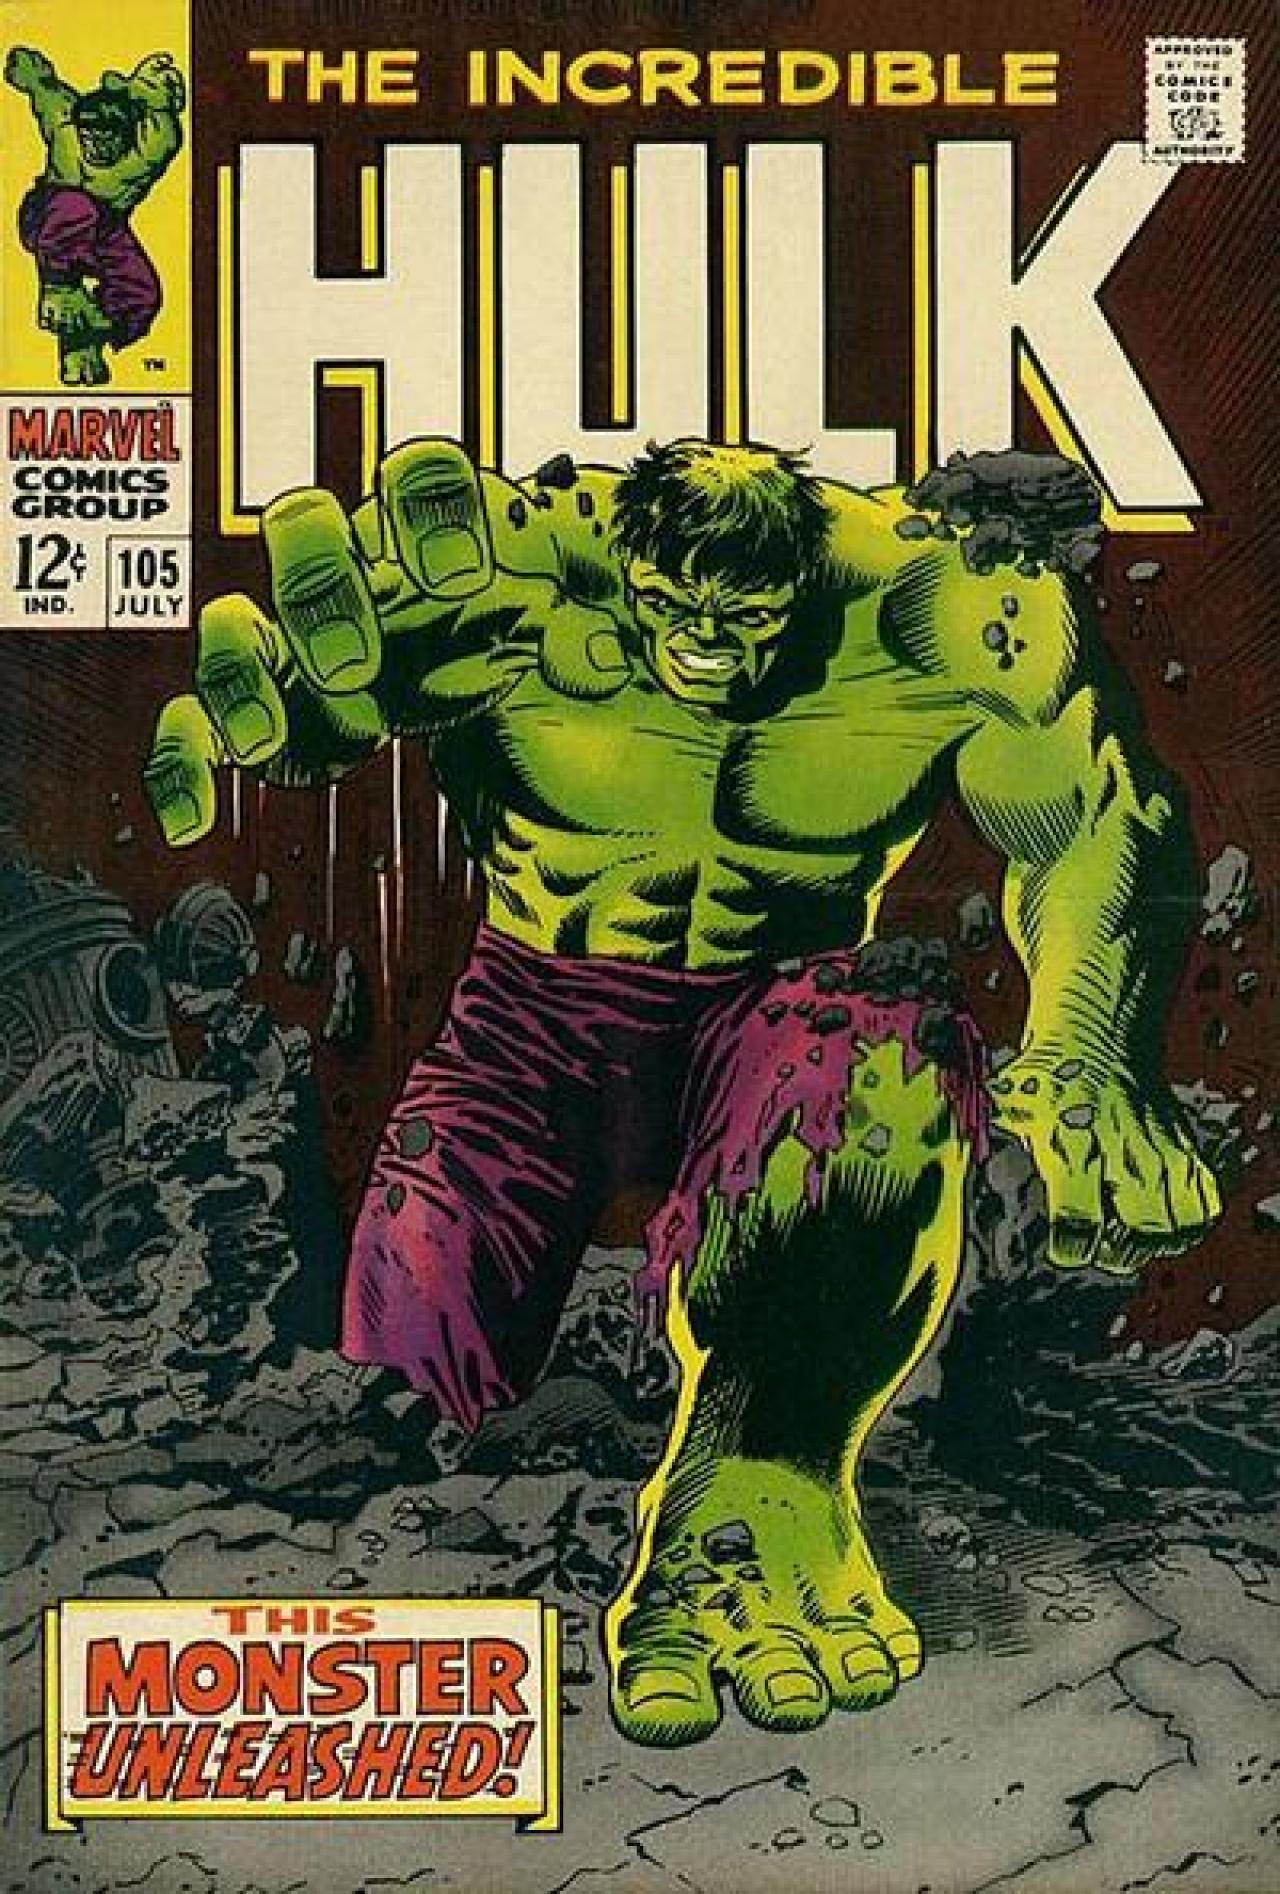 Incredible Hulk Comic Book Covers